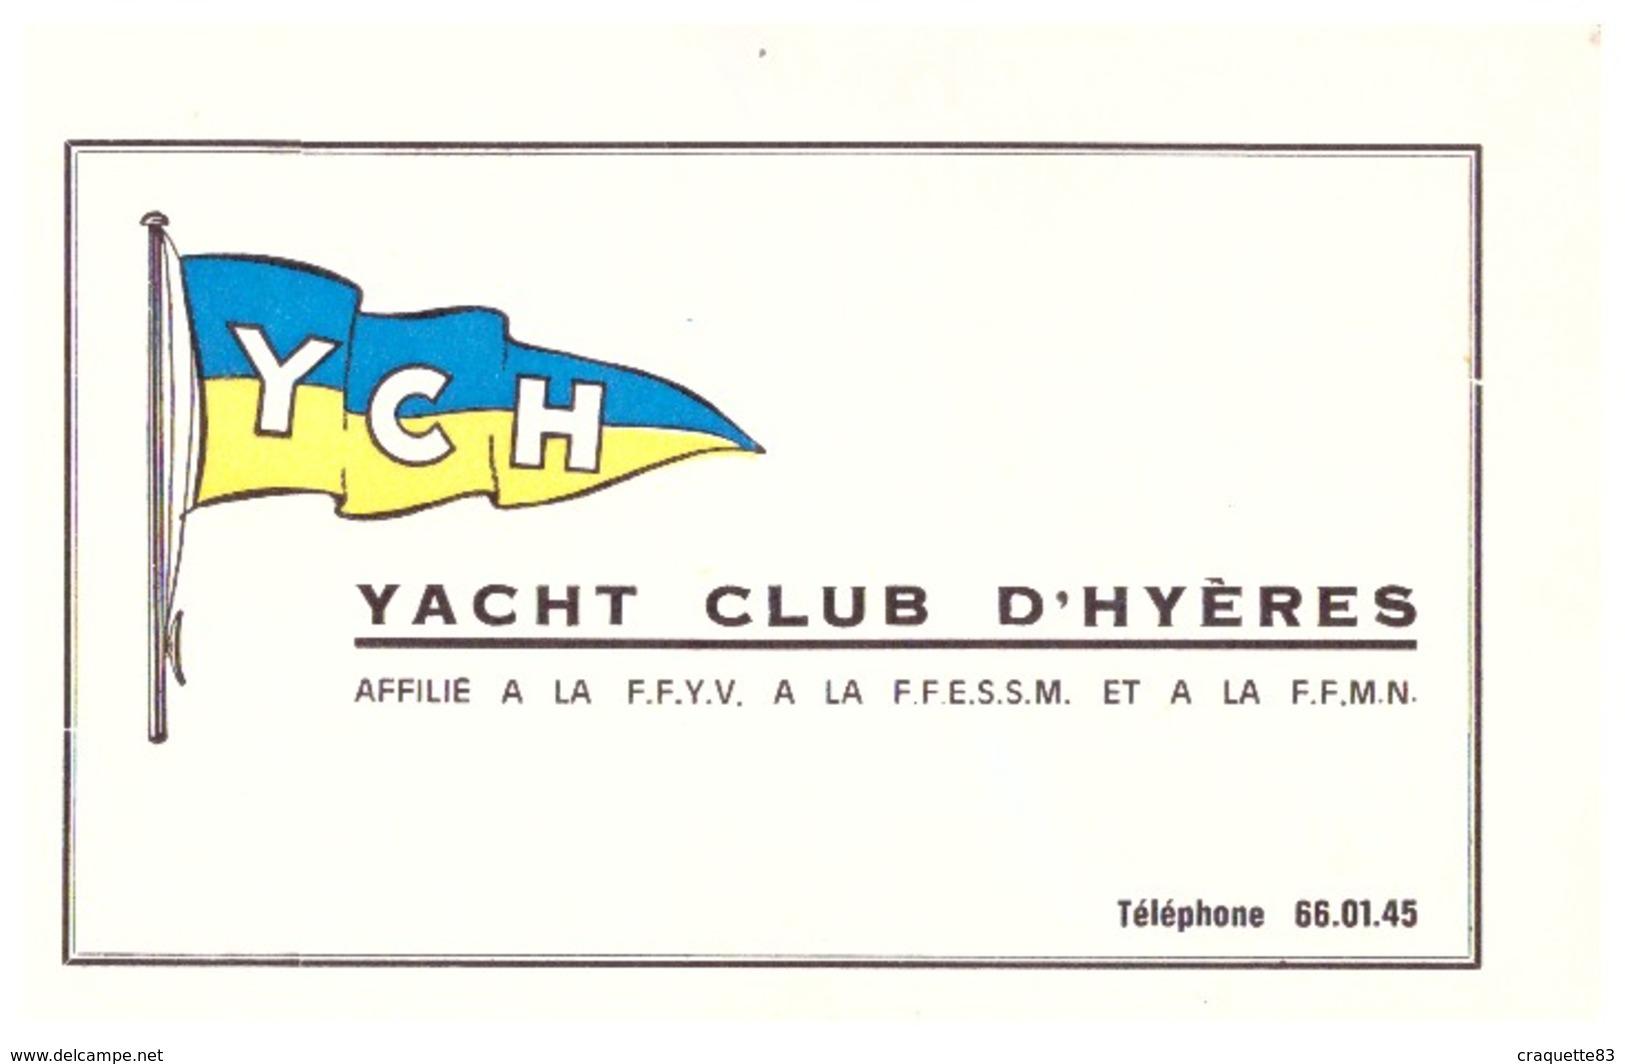 CARTE DE MEMBRE -YACHT CLUB D'HYERES  AFFILIE A LA F.F.Y.V. A LA F.F.E.S.S.M. ET LA F.F.M.N.  N°000286  1976 - Mappe